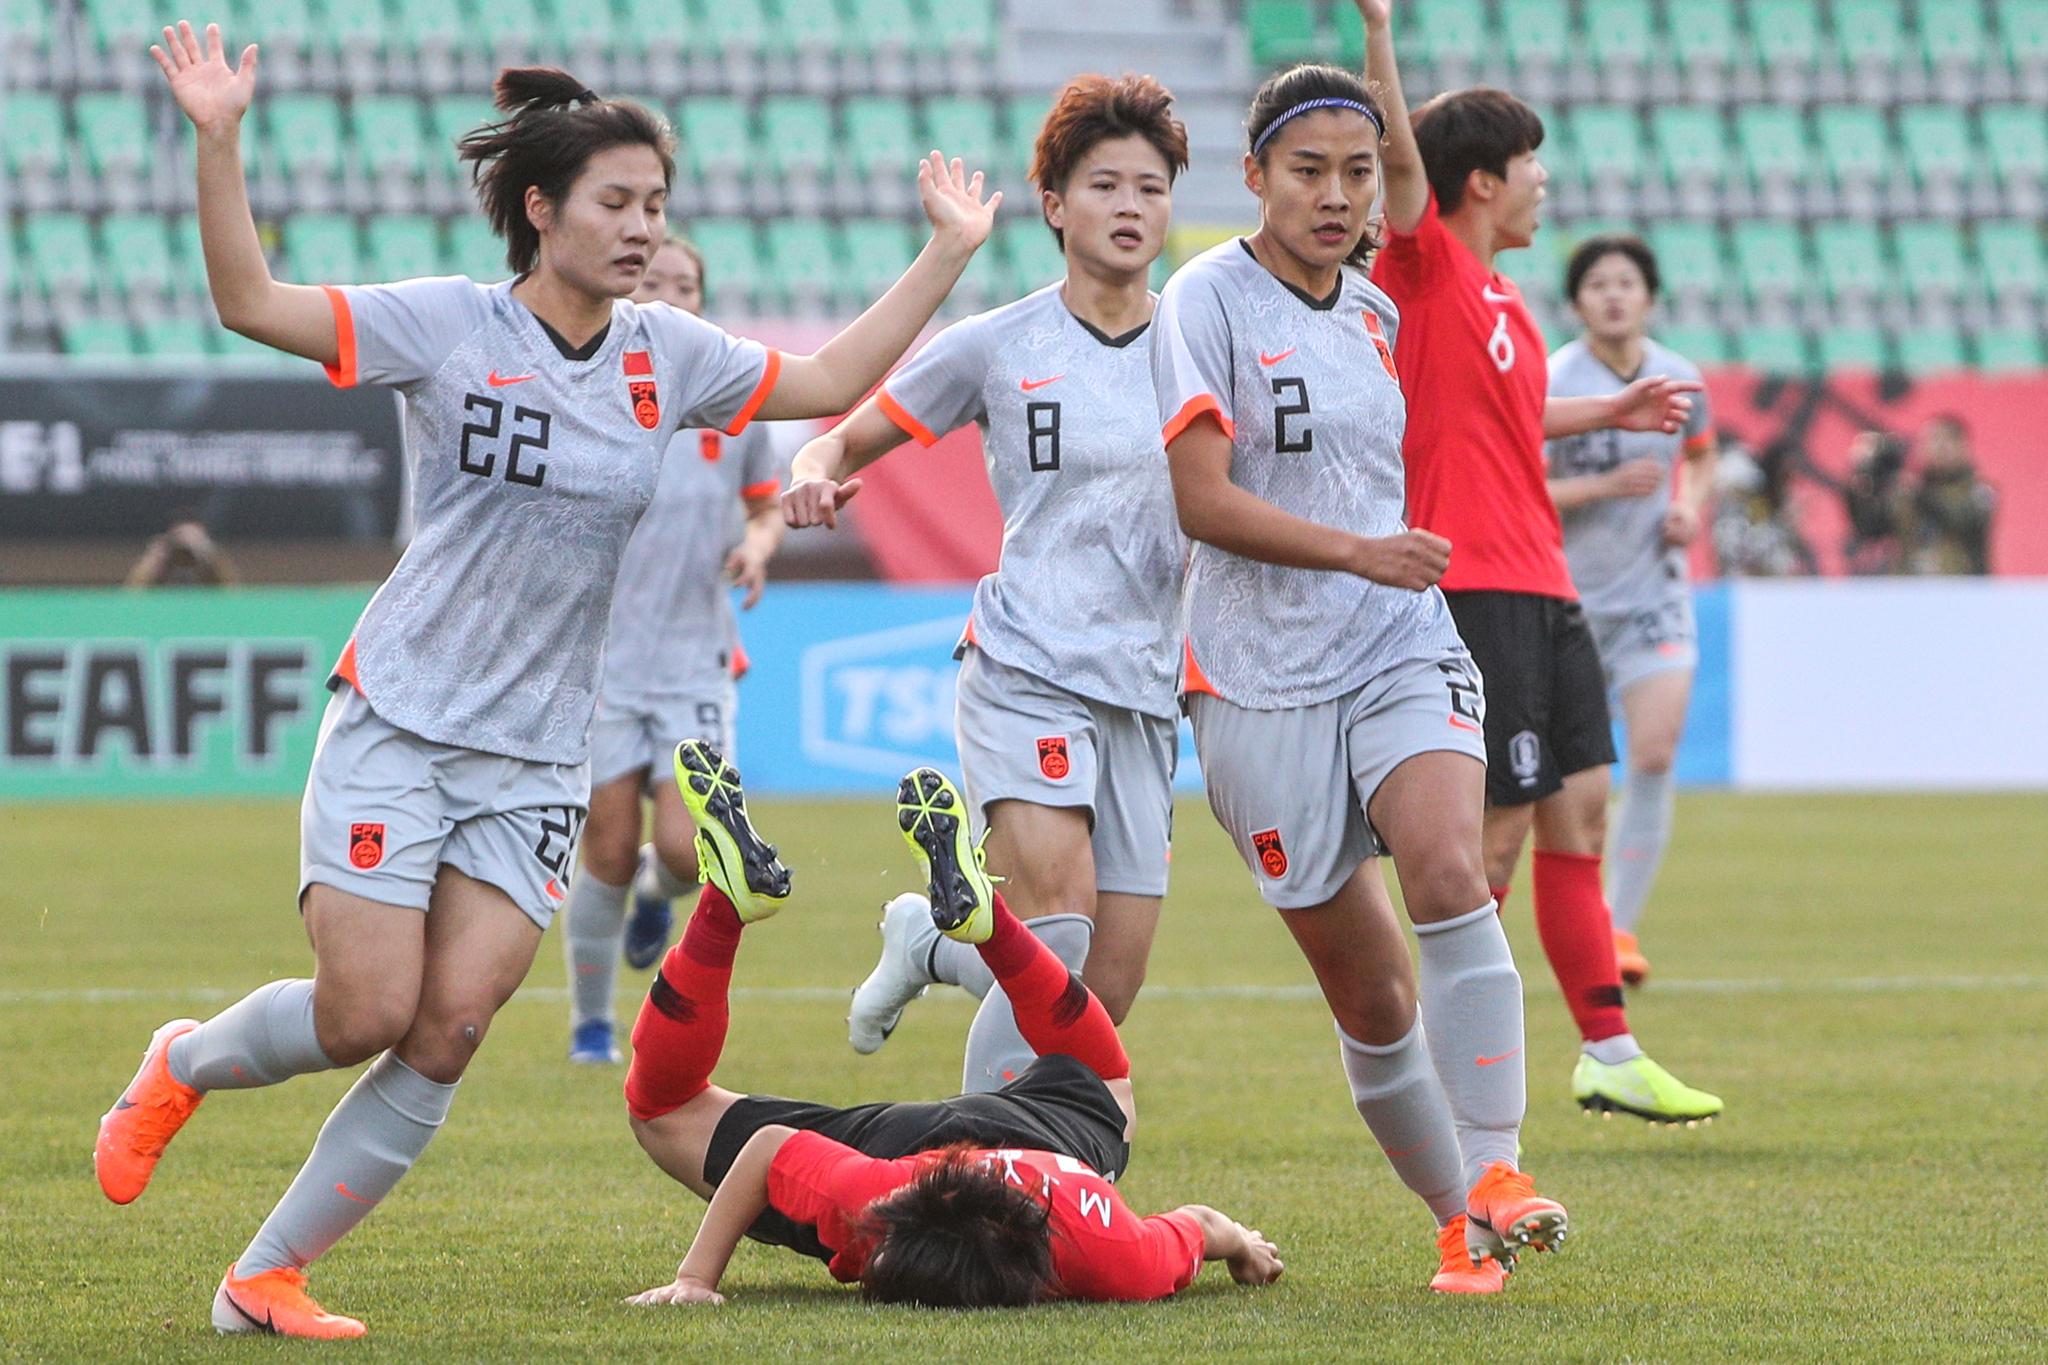 지난달 10일 부산에서 열린 동아시안컵에서 한국과 중국 선수들이 맞대결을 펼치고 있다. [뉴스1]